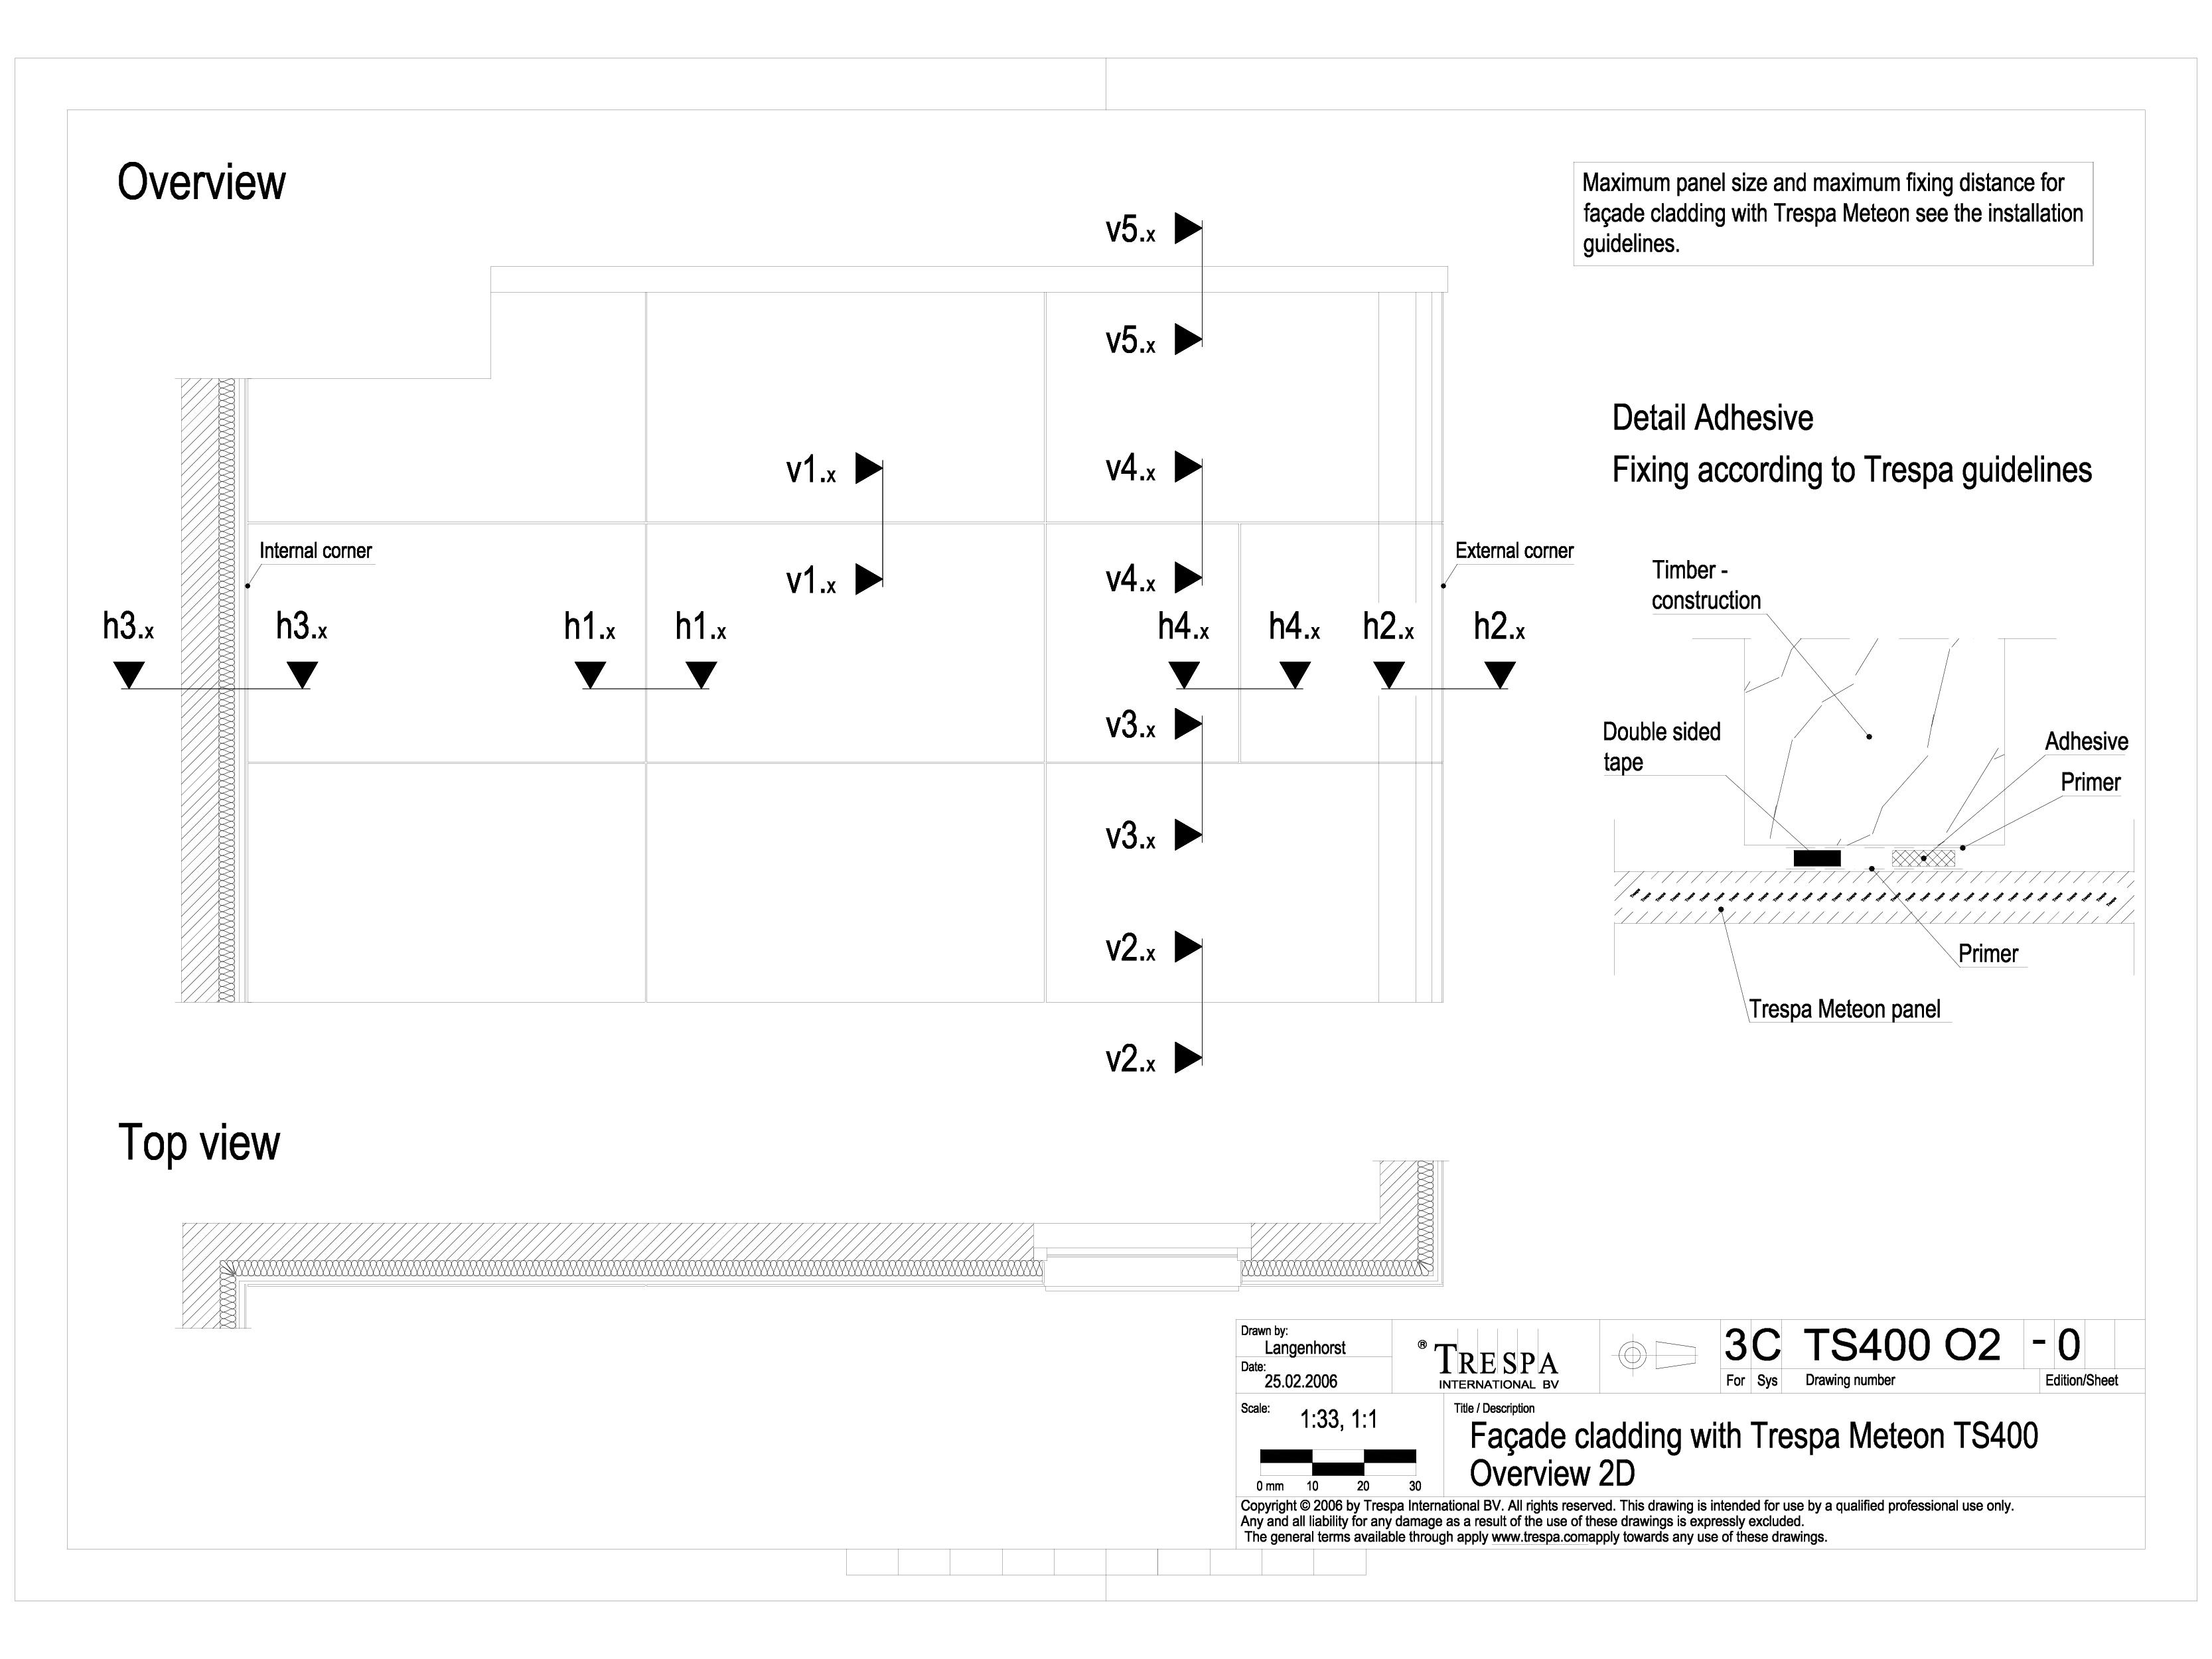 Sisteme de prindere fatade ventilate invizibile cu adeziv si suruburi METEON TRESPA Placi HPL pentru fatade ventilate GIBB TECHNOLOGIES  - Pagina 1